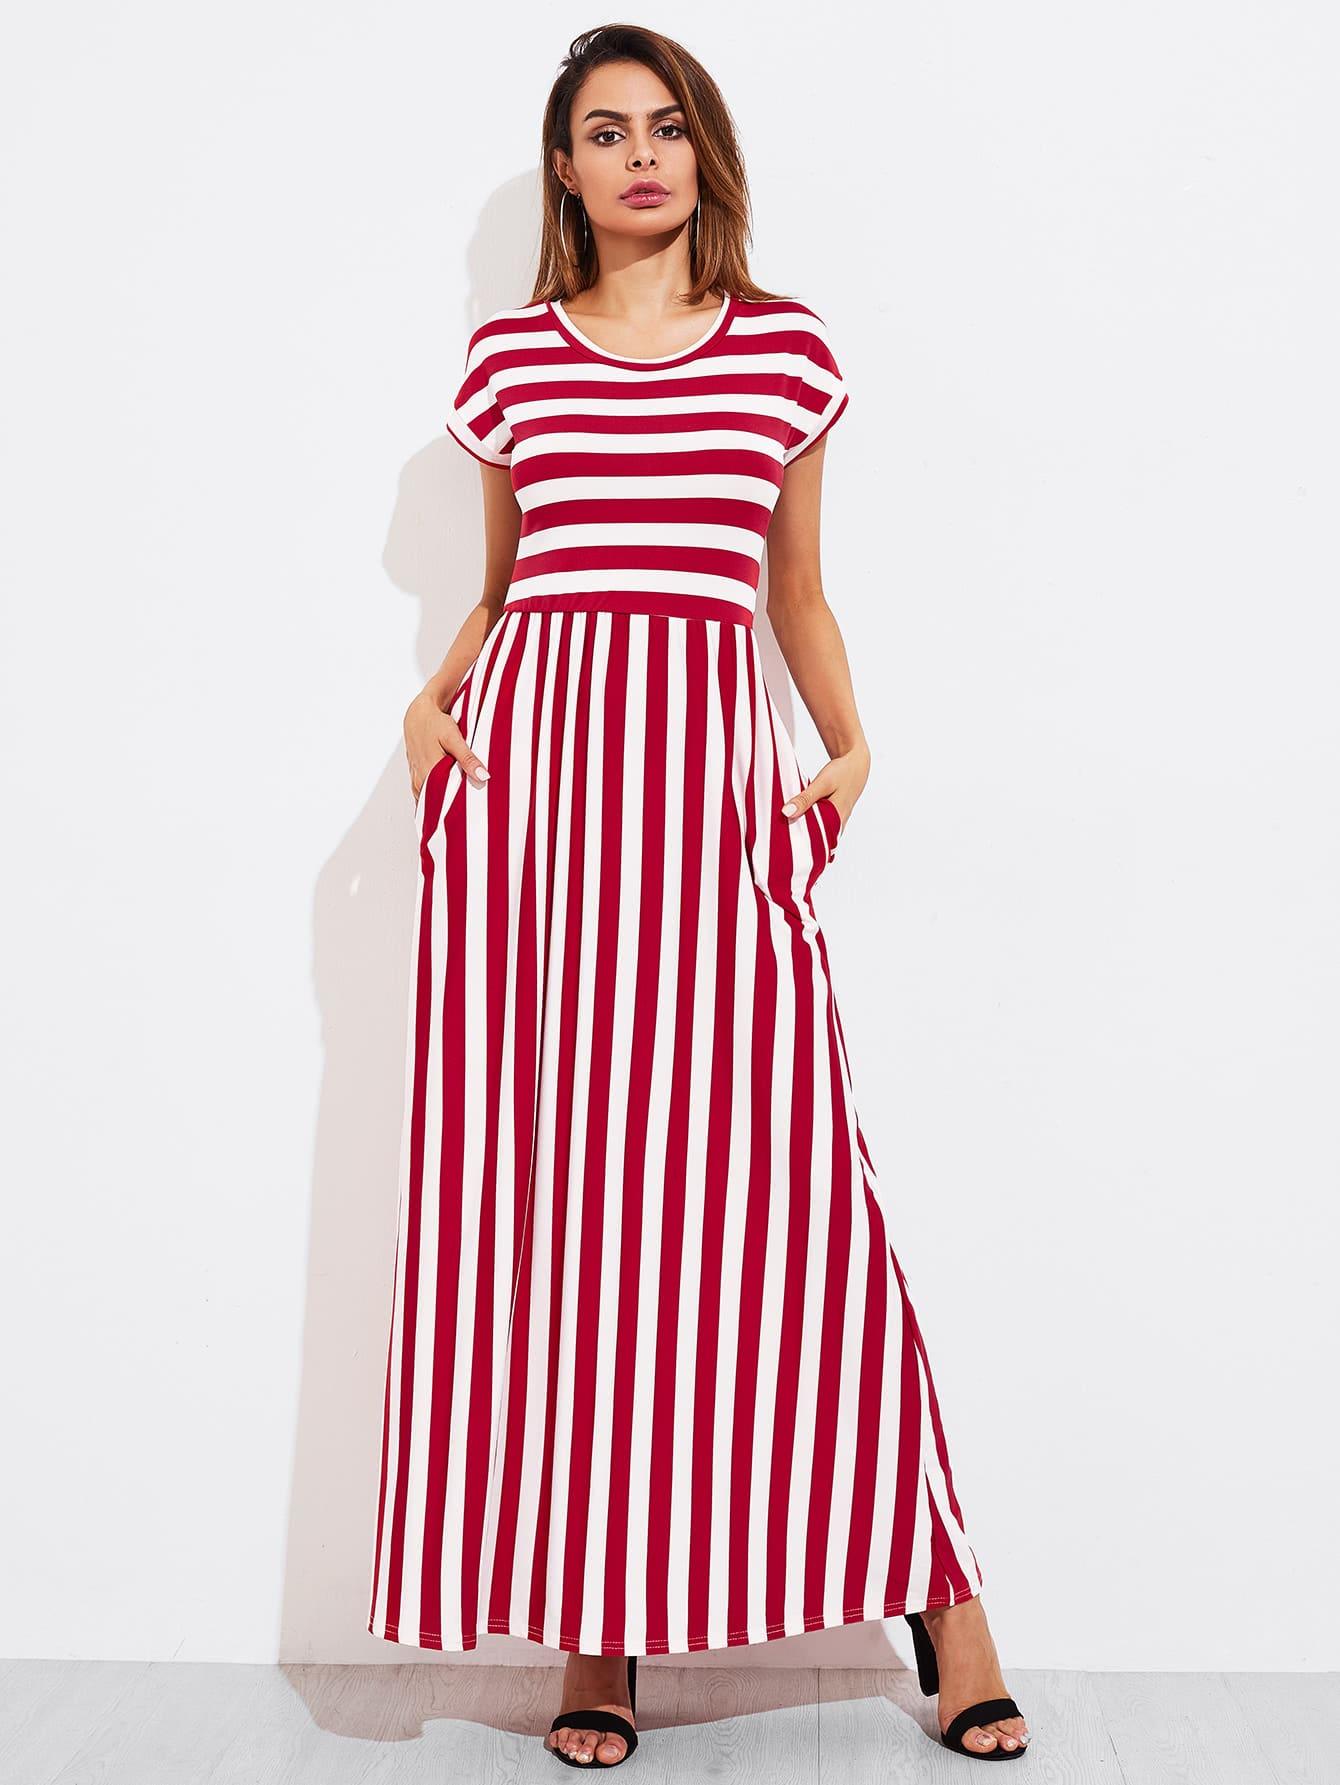 Contrast Striped Full Length Dress full length tee dress